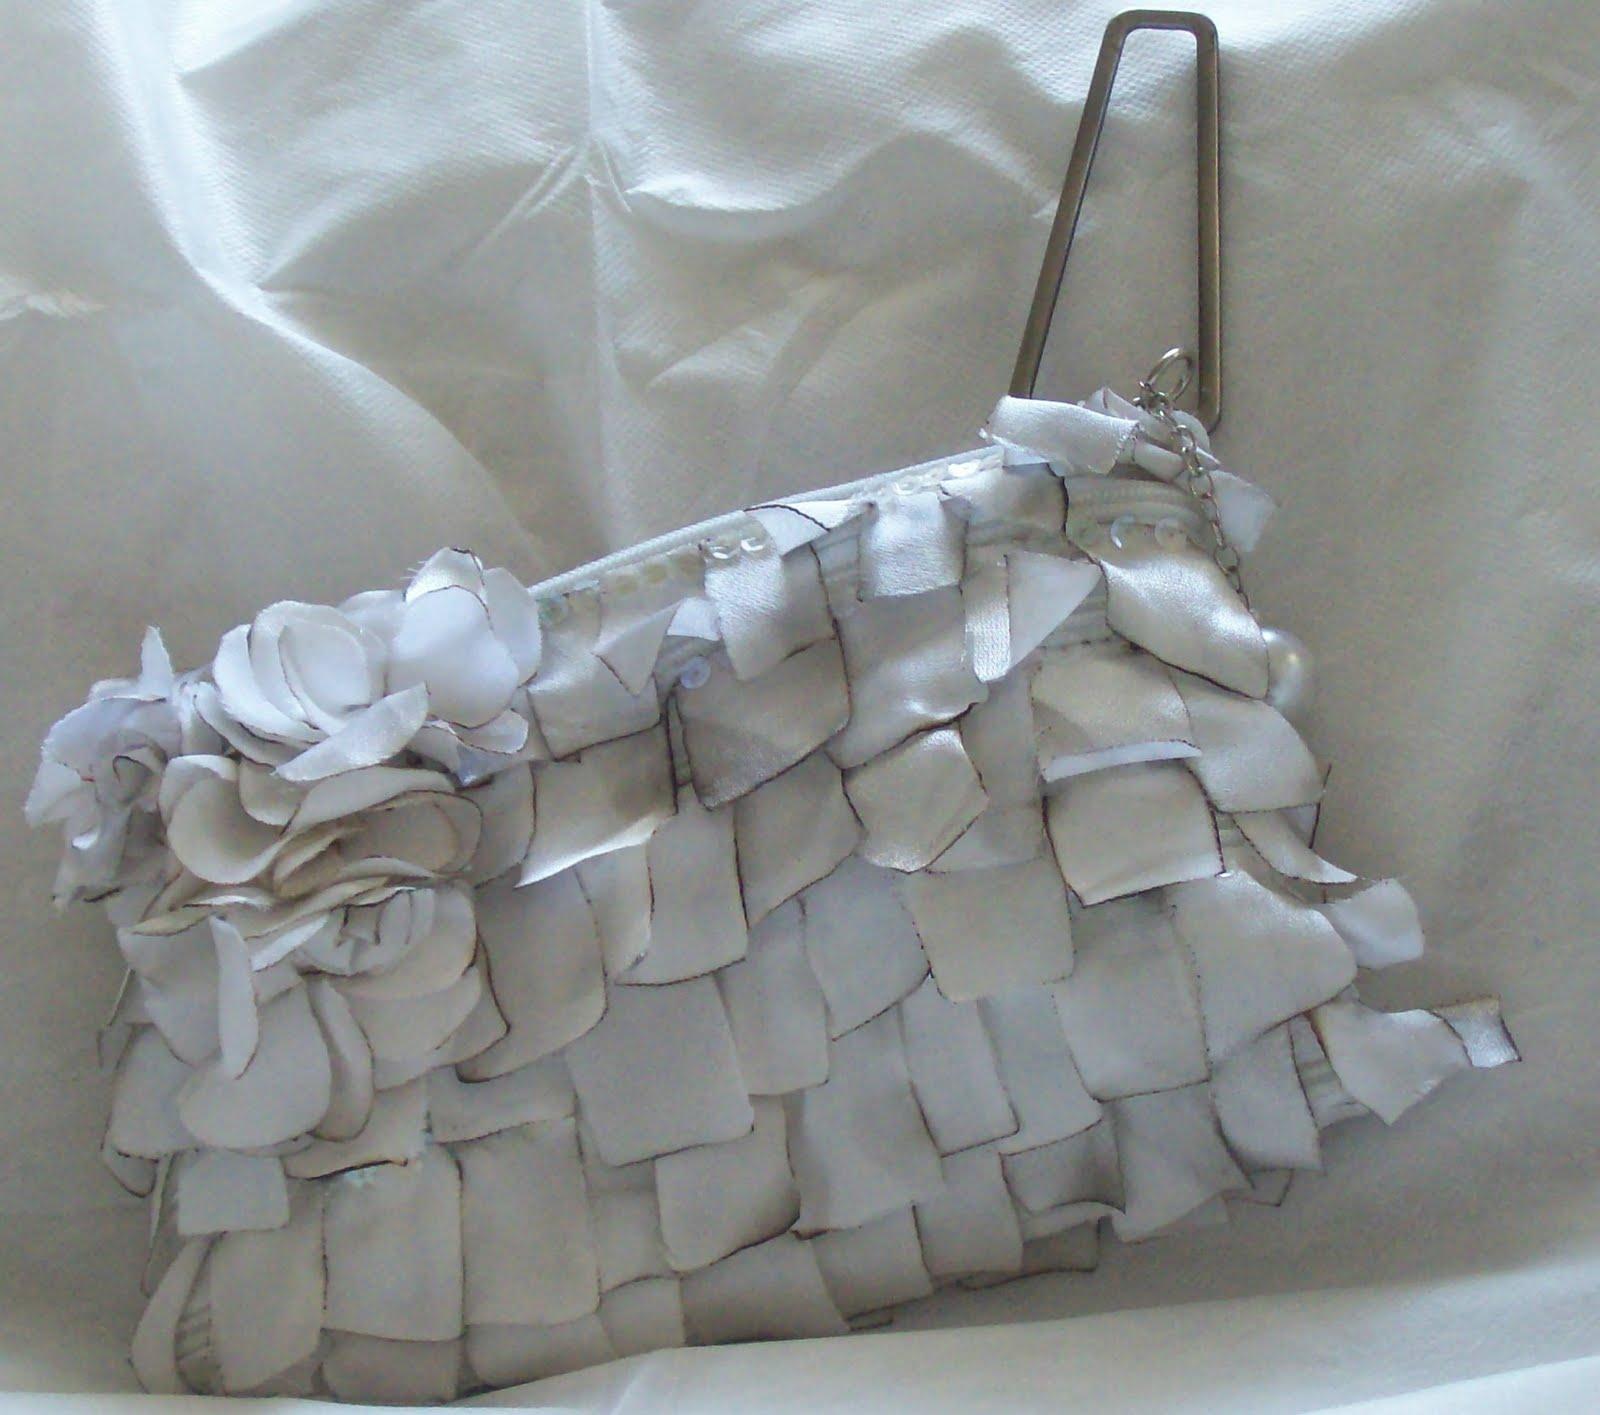 Bolsa De Festa Perola : Acess?rios moda beleza bolsa p?rola de festa